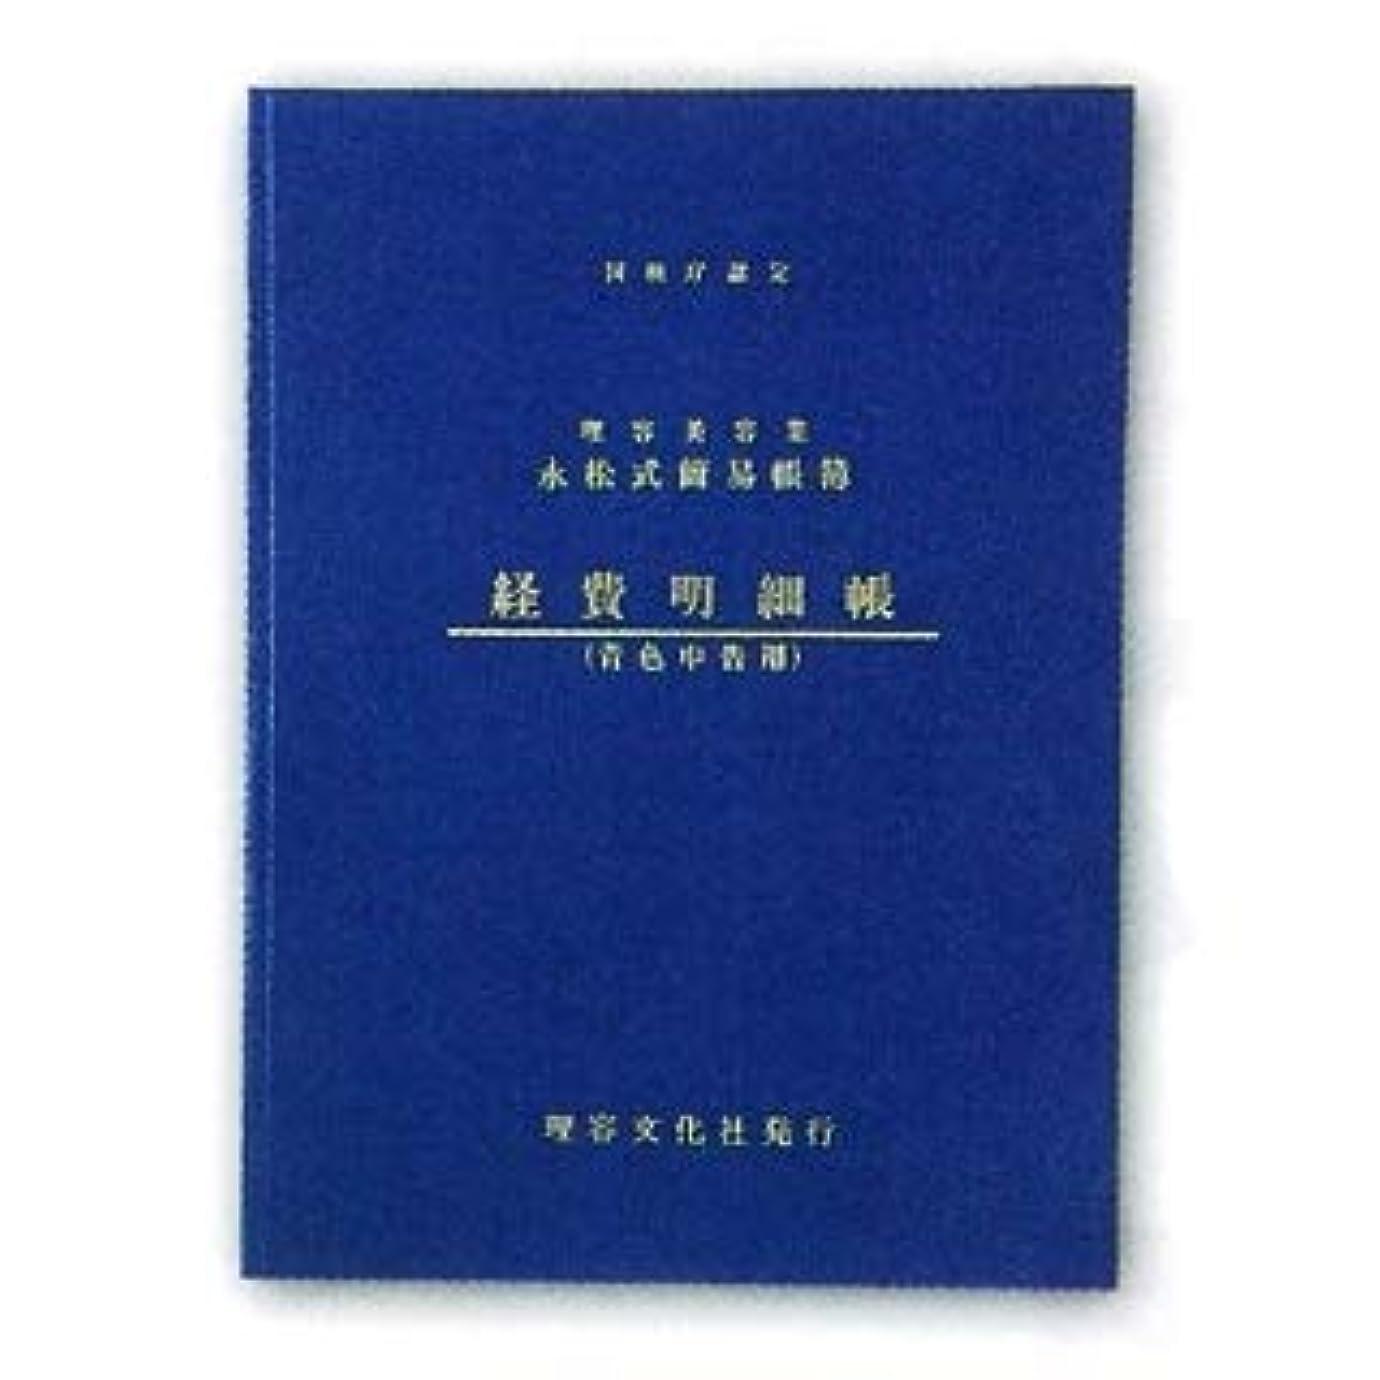 先祖近似理容室永松式簡易帳簿 経費明細帳(青色申告用)